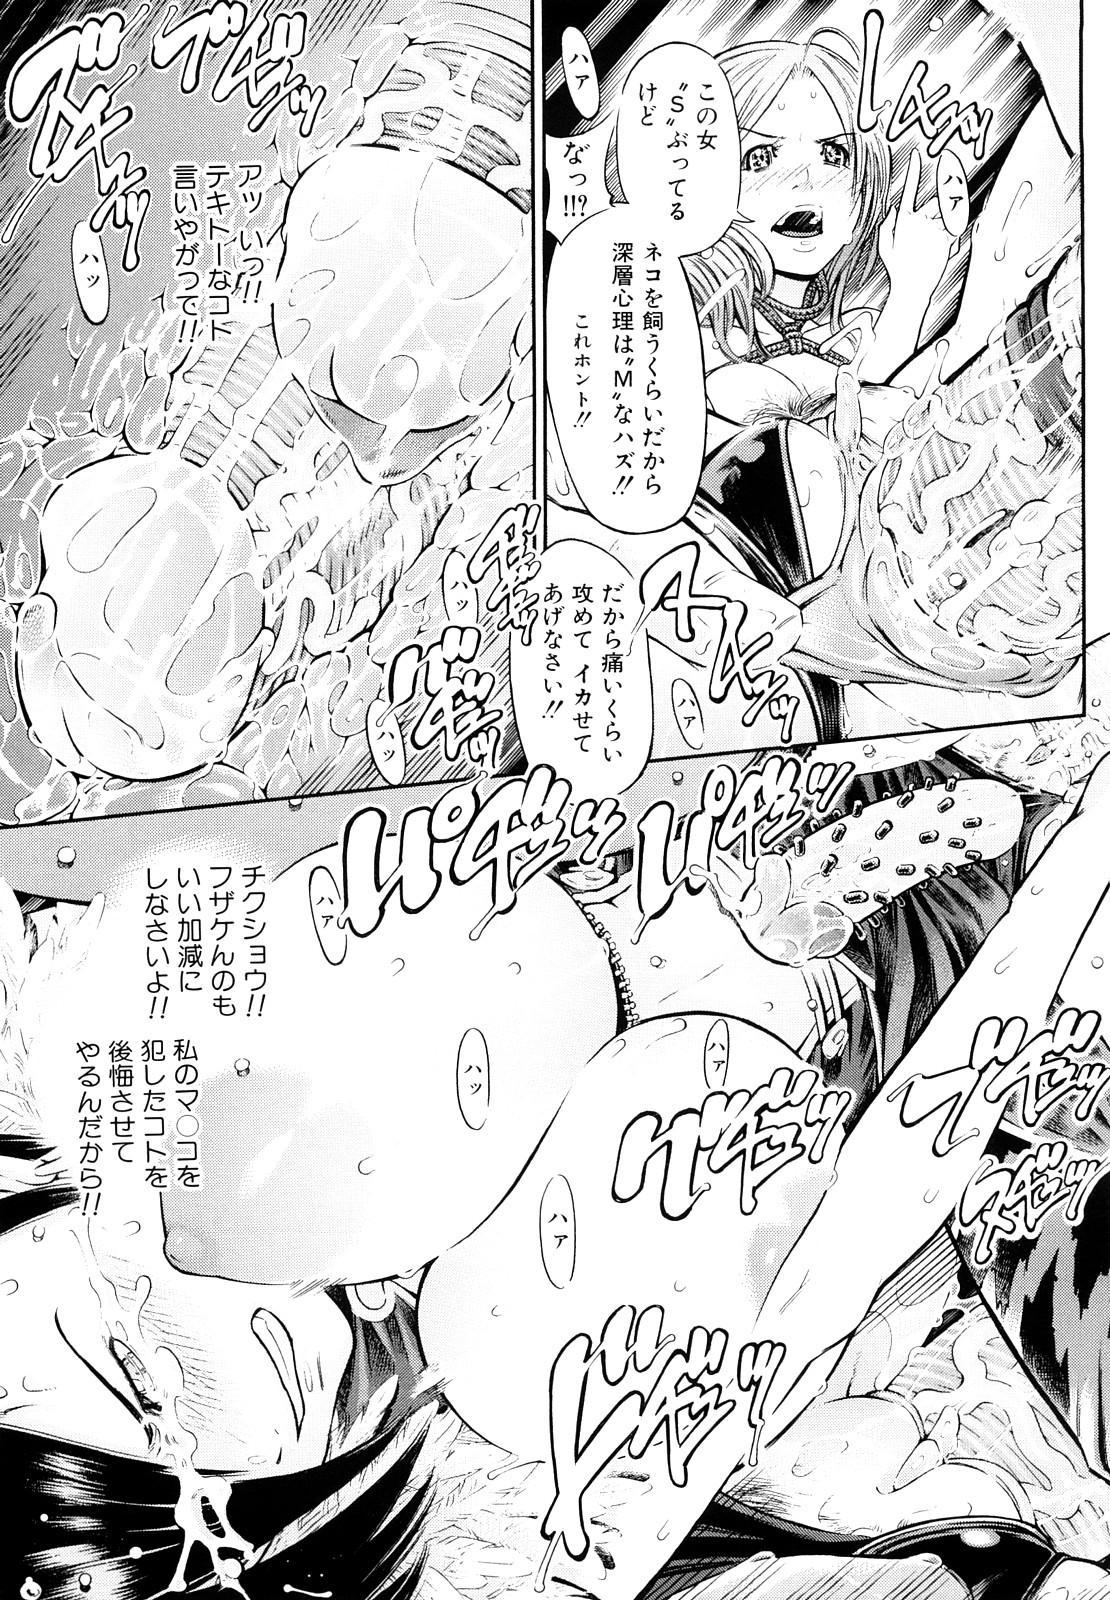 Chijyotachi no Kirifuda 67